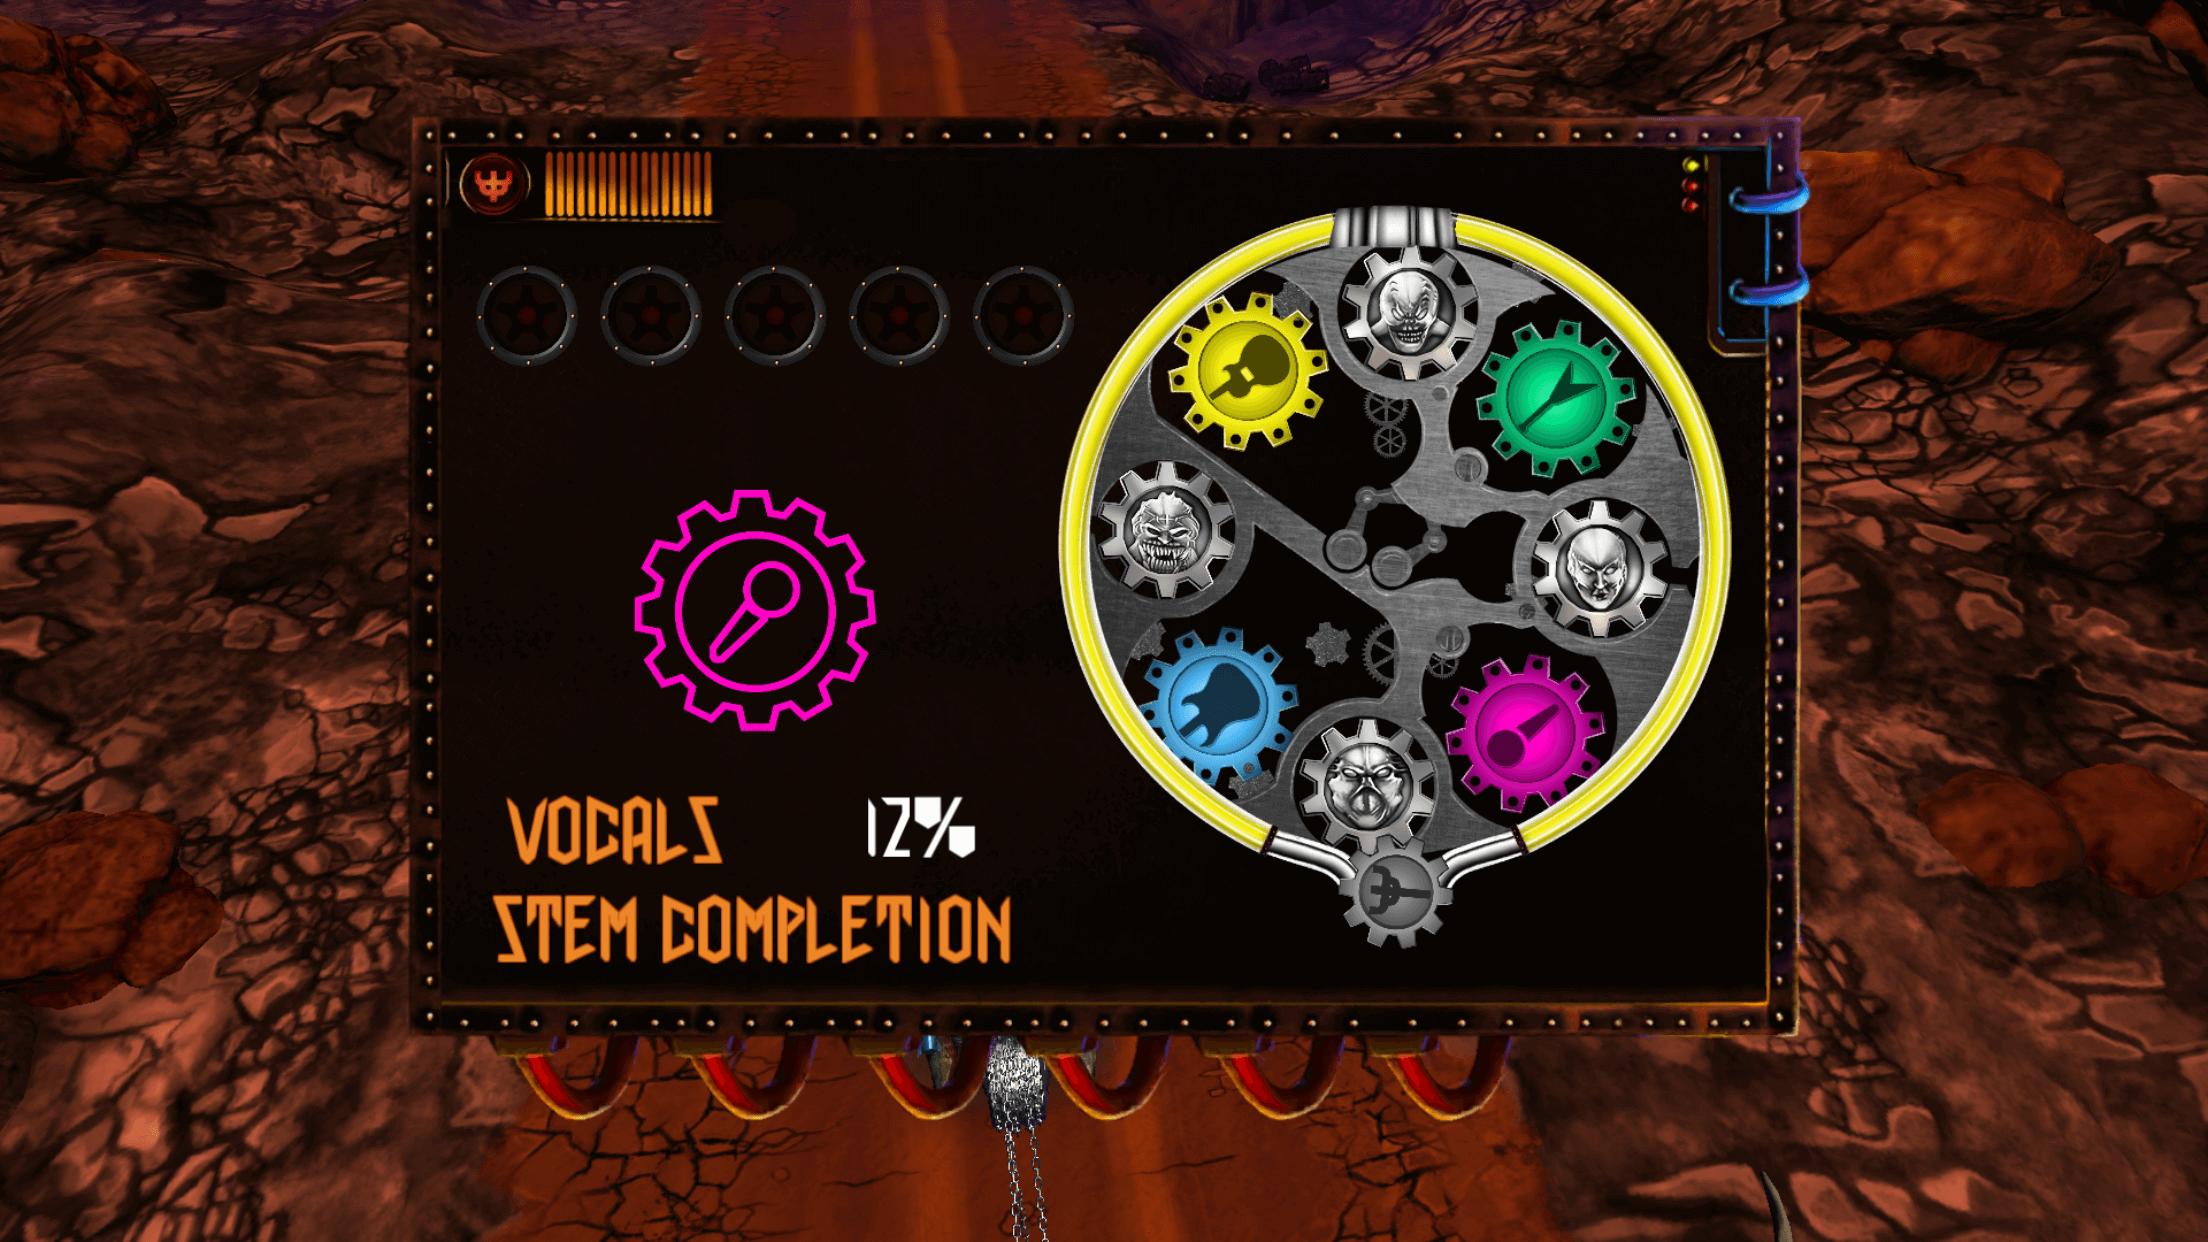 Judas Priest(ジューダス・プリースト)の[Road to Valhalla]アプリでステムポイントをためていく画面